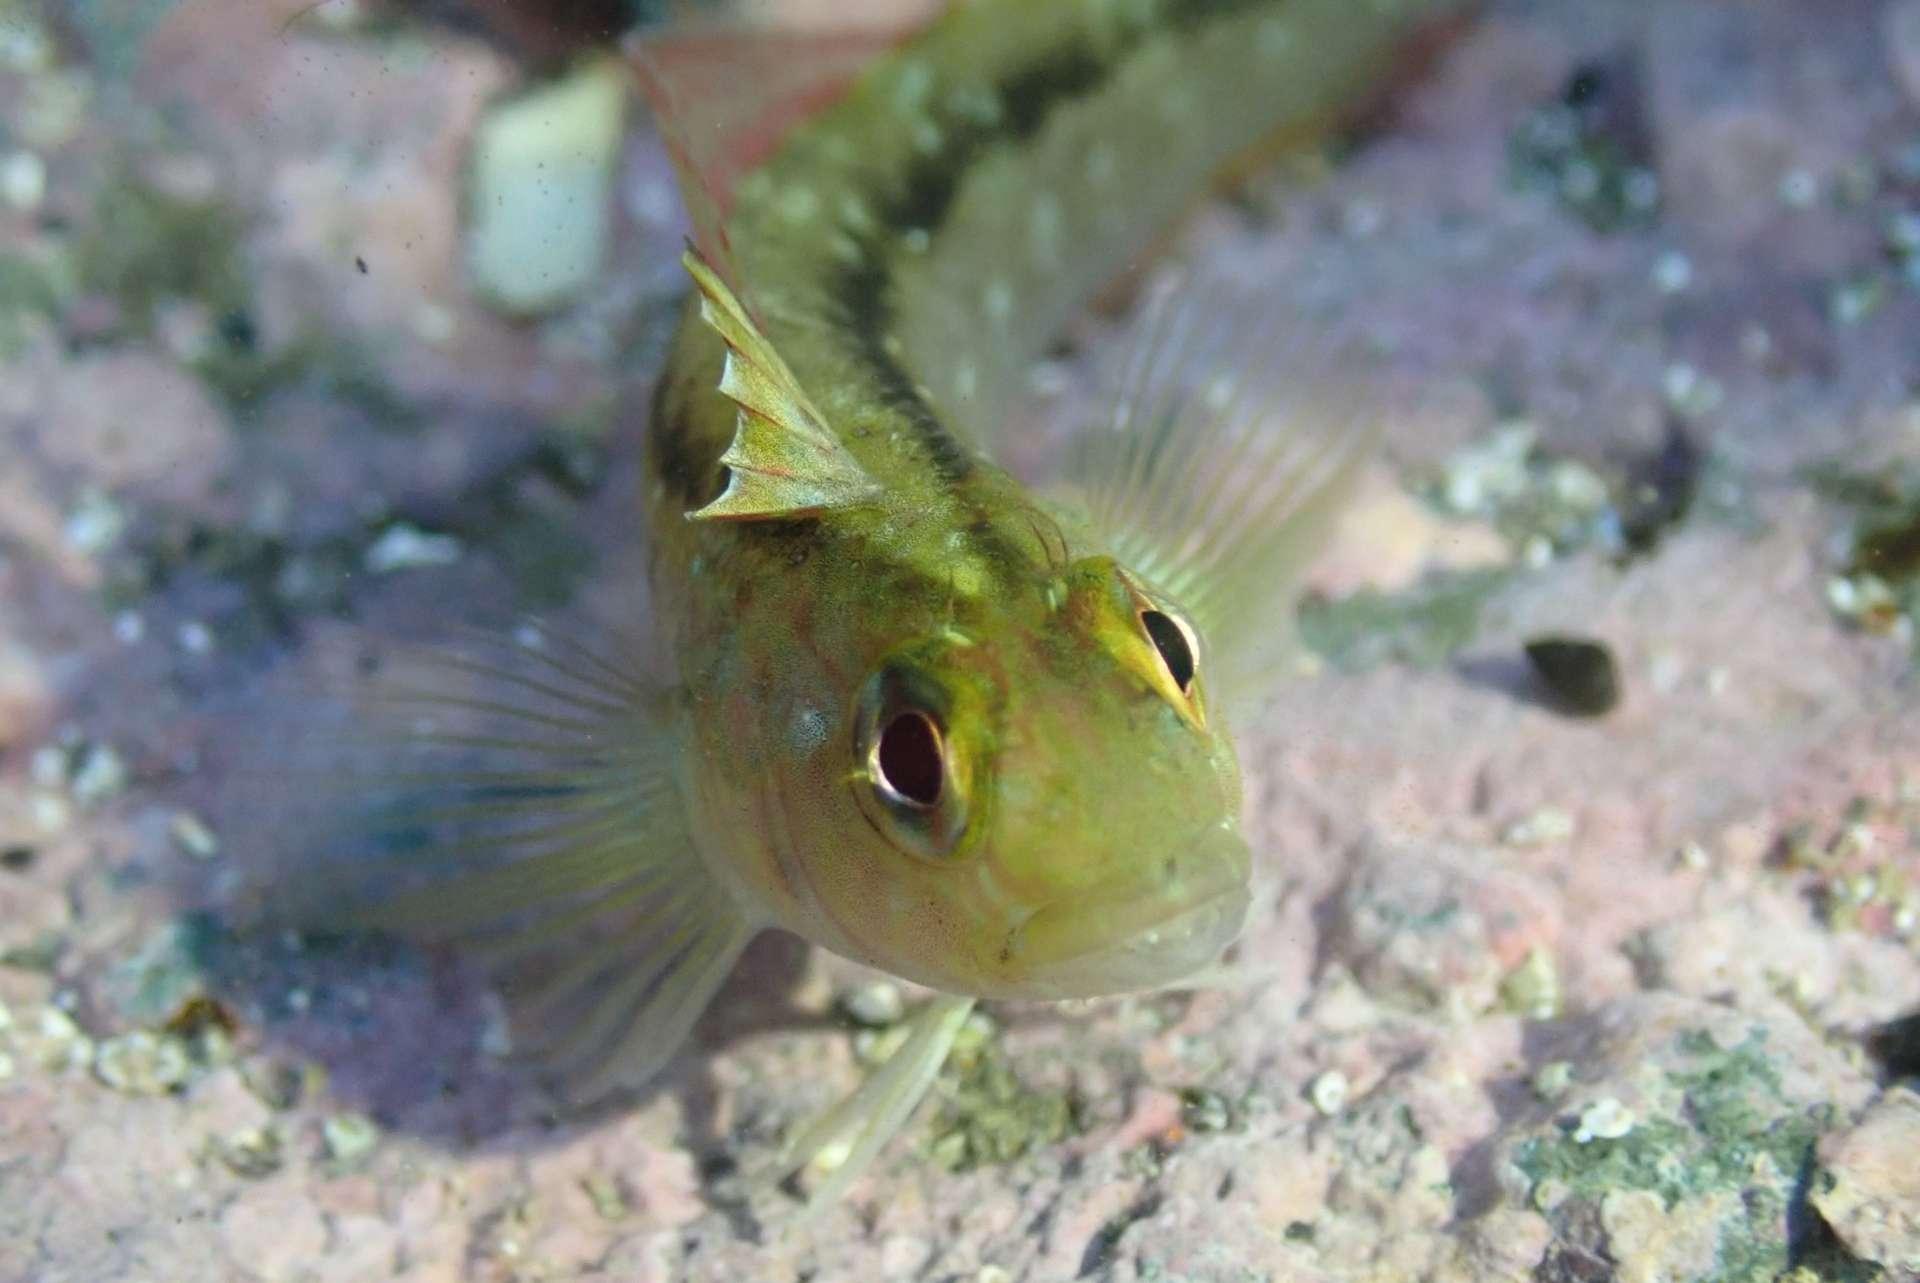 Le triplefin commun (Forsterygion lapillum) développe des organes sexuels plus gros dans un océan acide. © fiestykakapo, iNaturalist